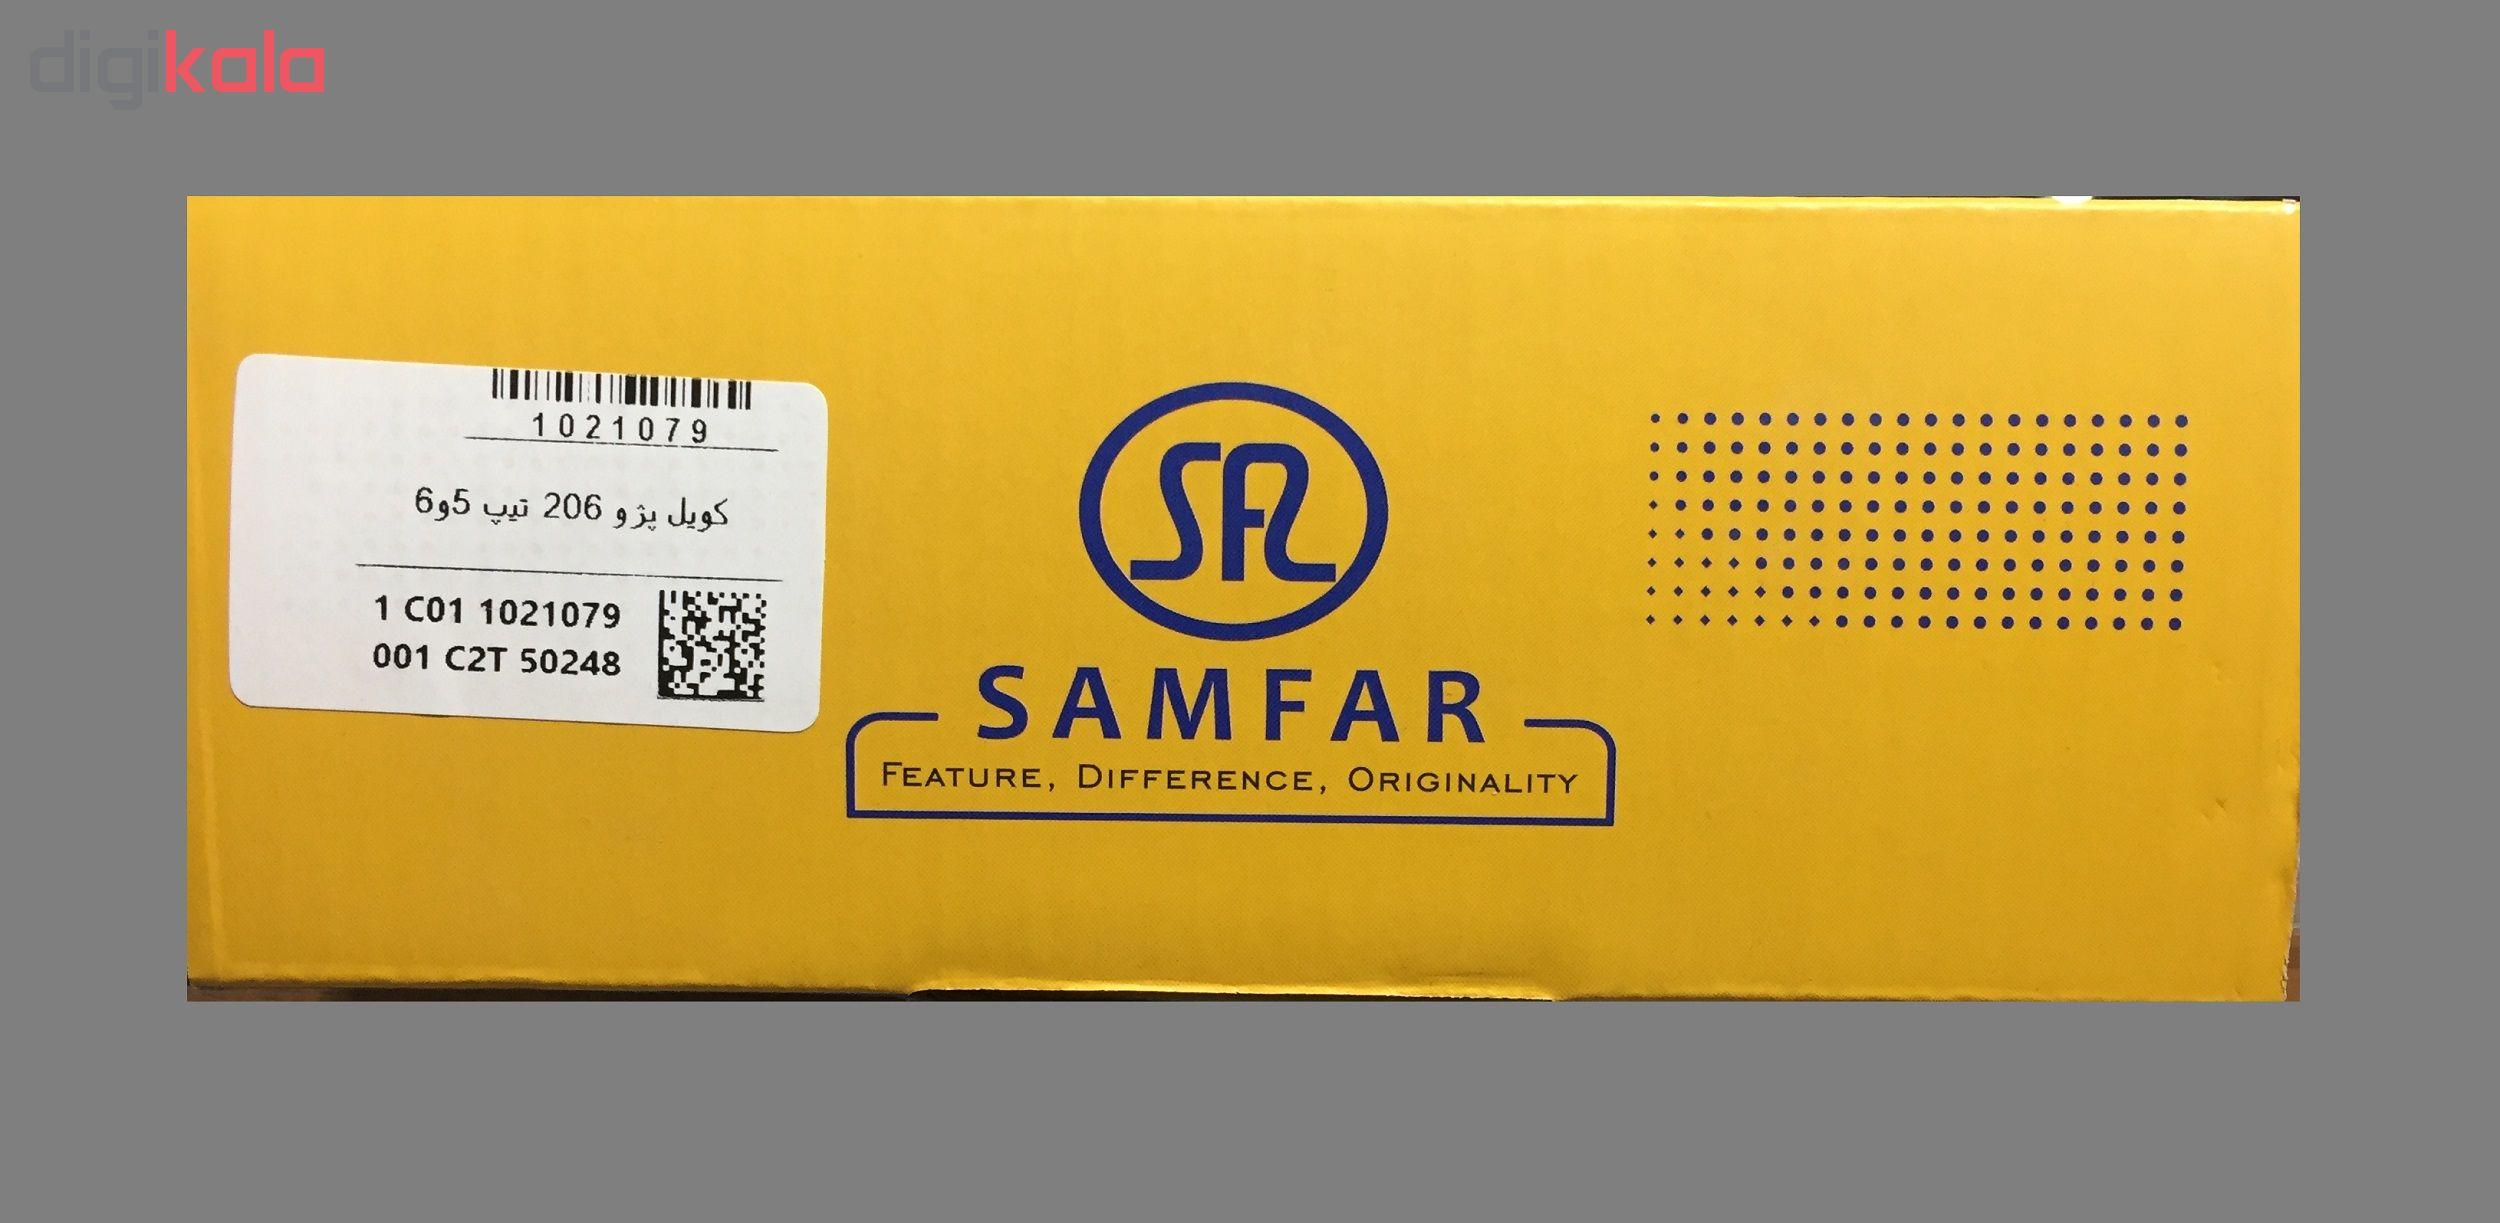 کوئل سامفر کد 1021079 مناسب برای پژو 206 تیپ 5